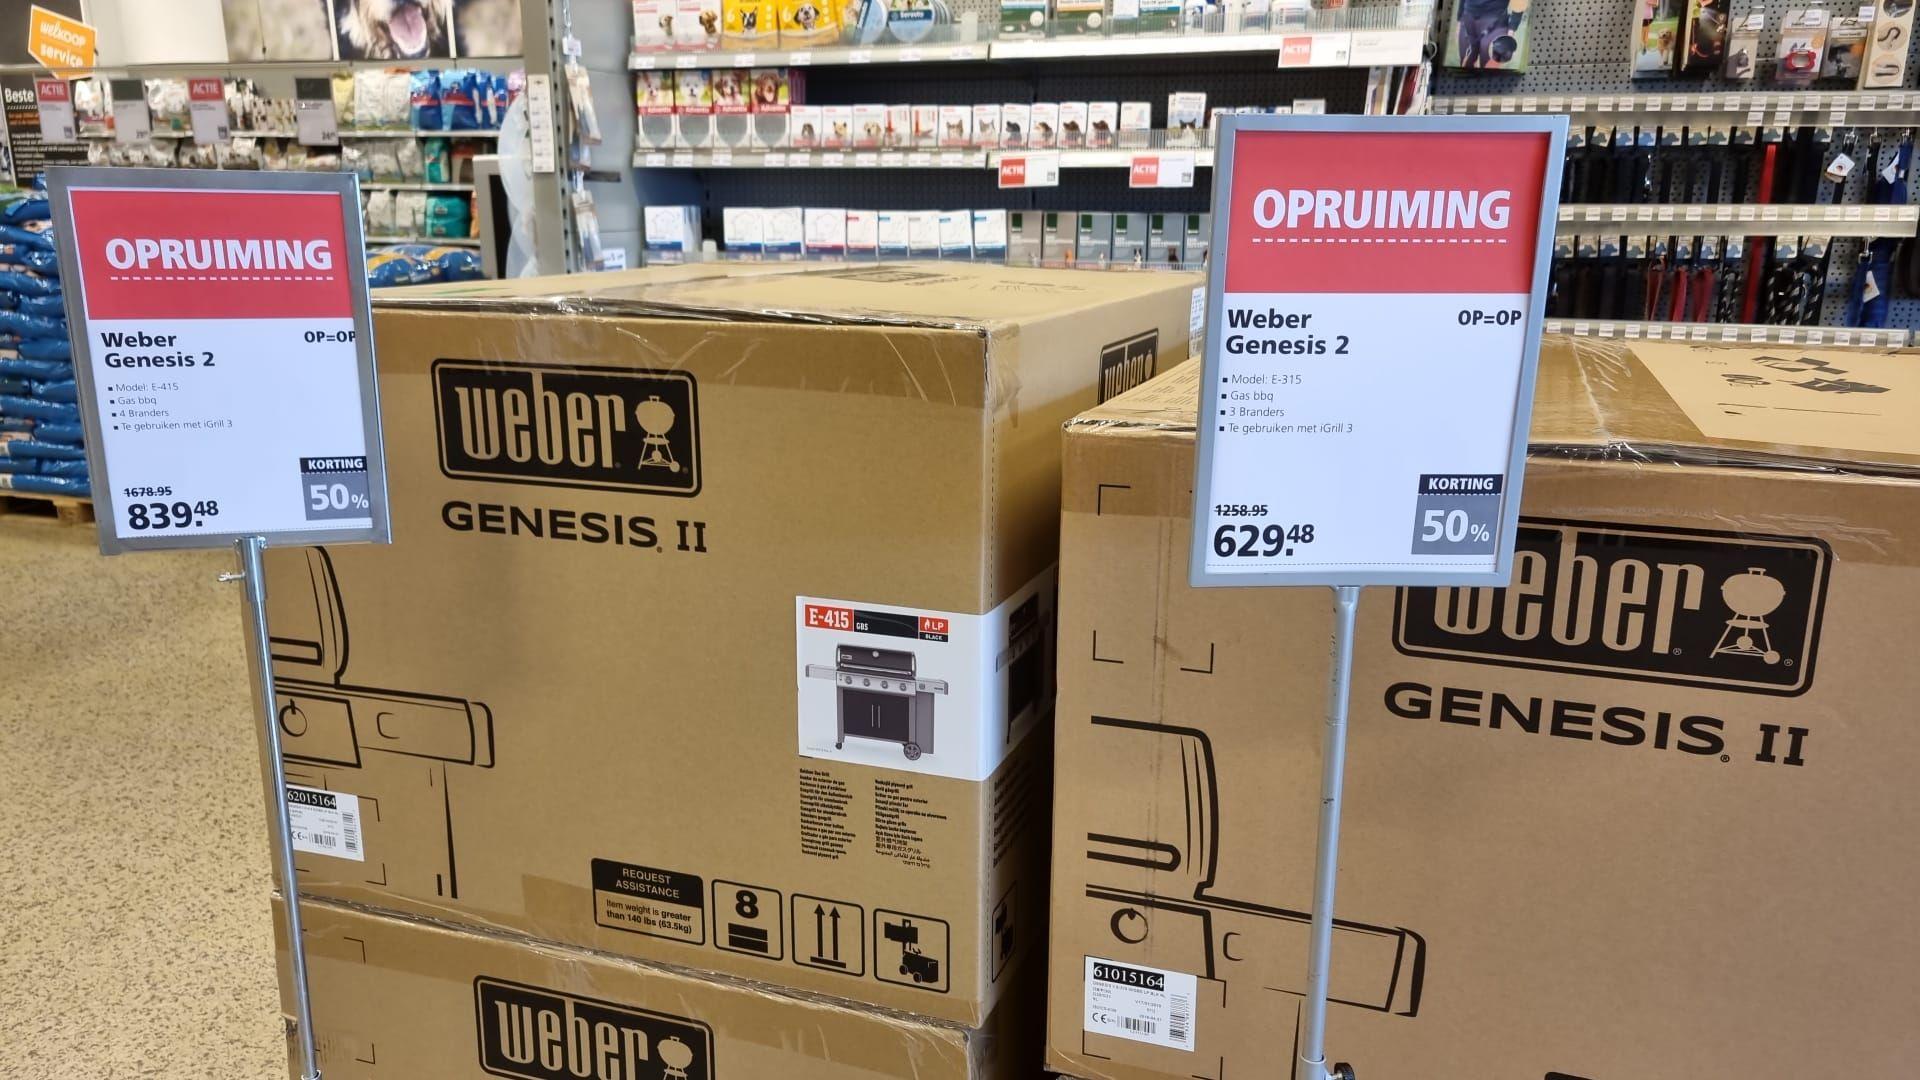 Weber Genesis 2 (E-415/E-315) 50% korting | Welkoop Heerenveen